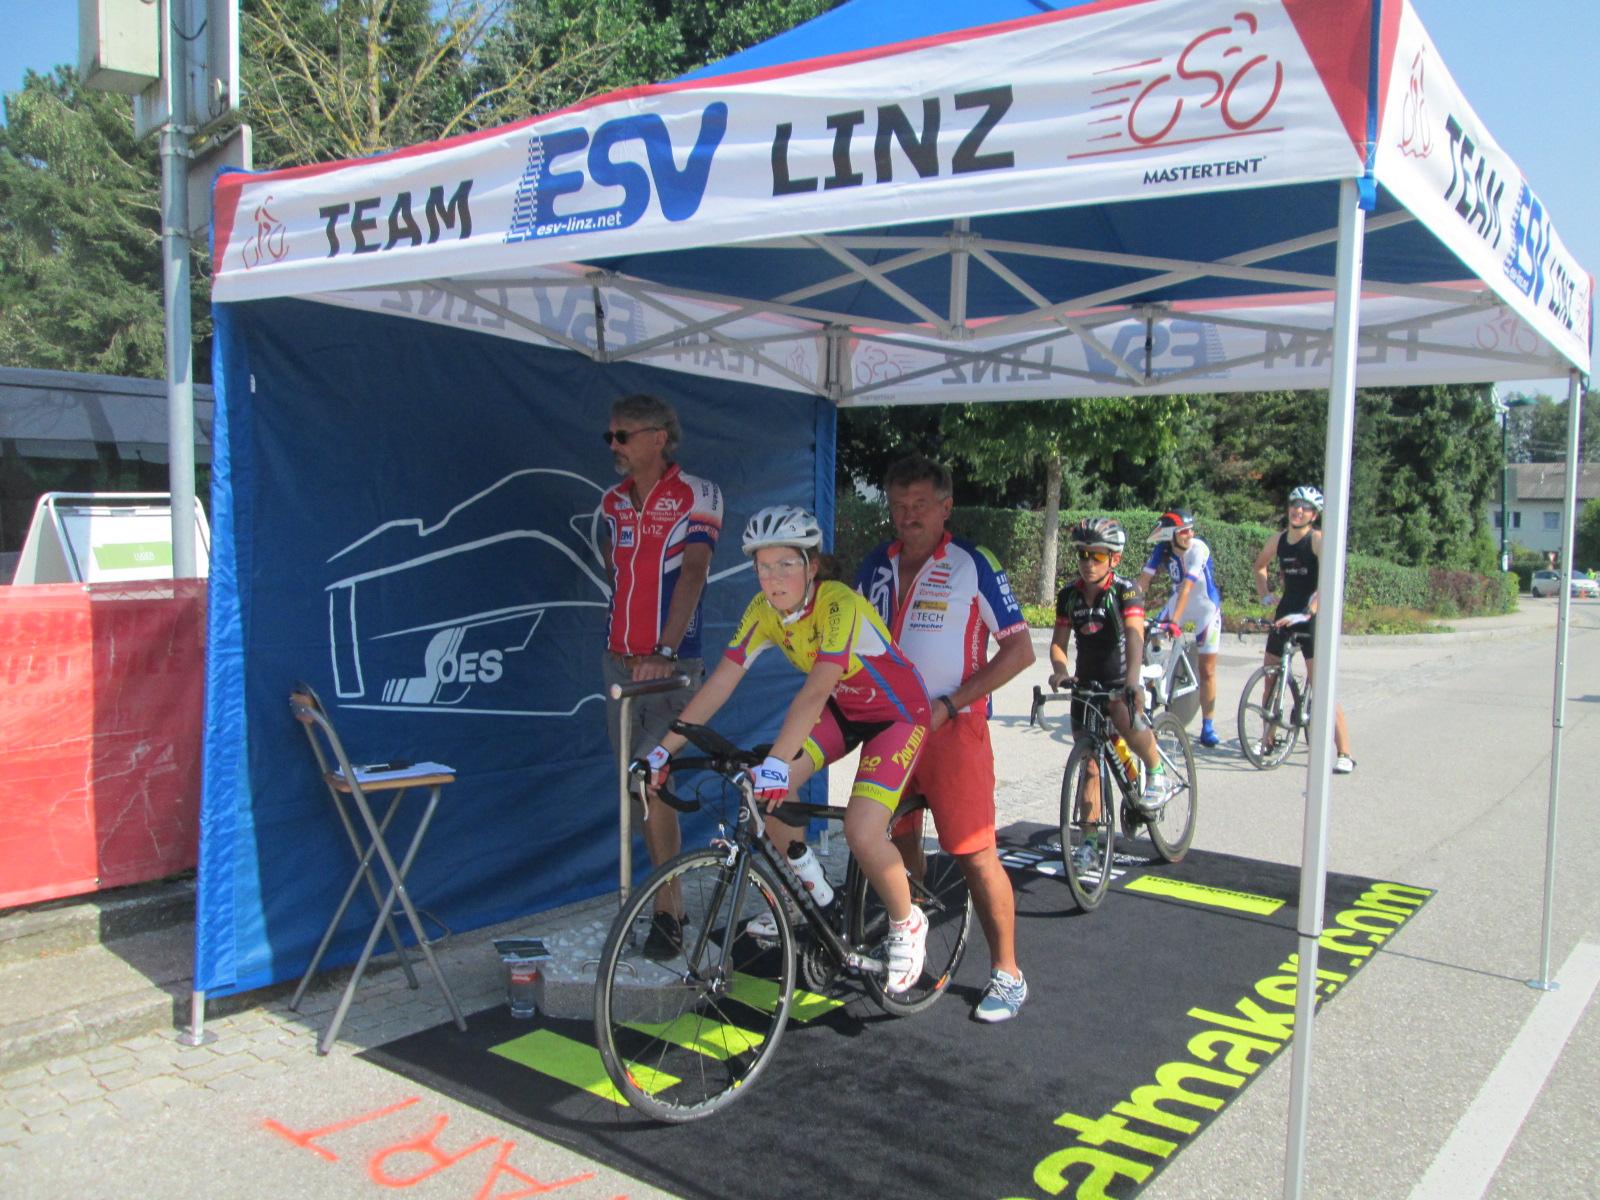 Matten von EDER beim Start - Radrennen